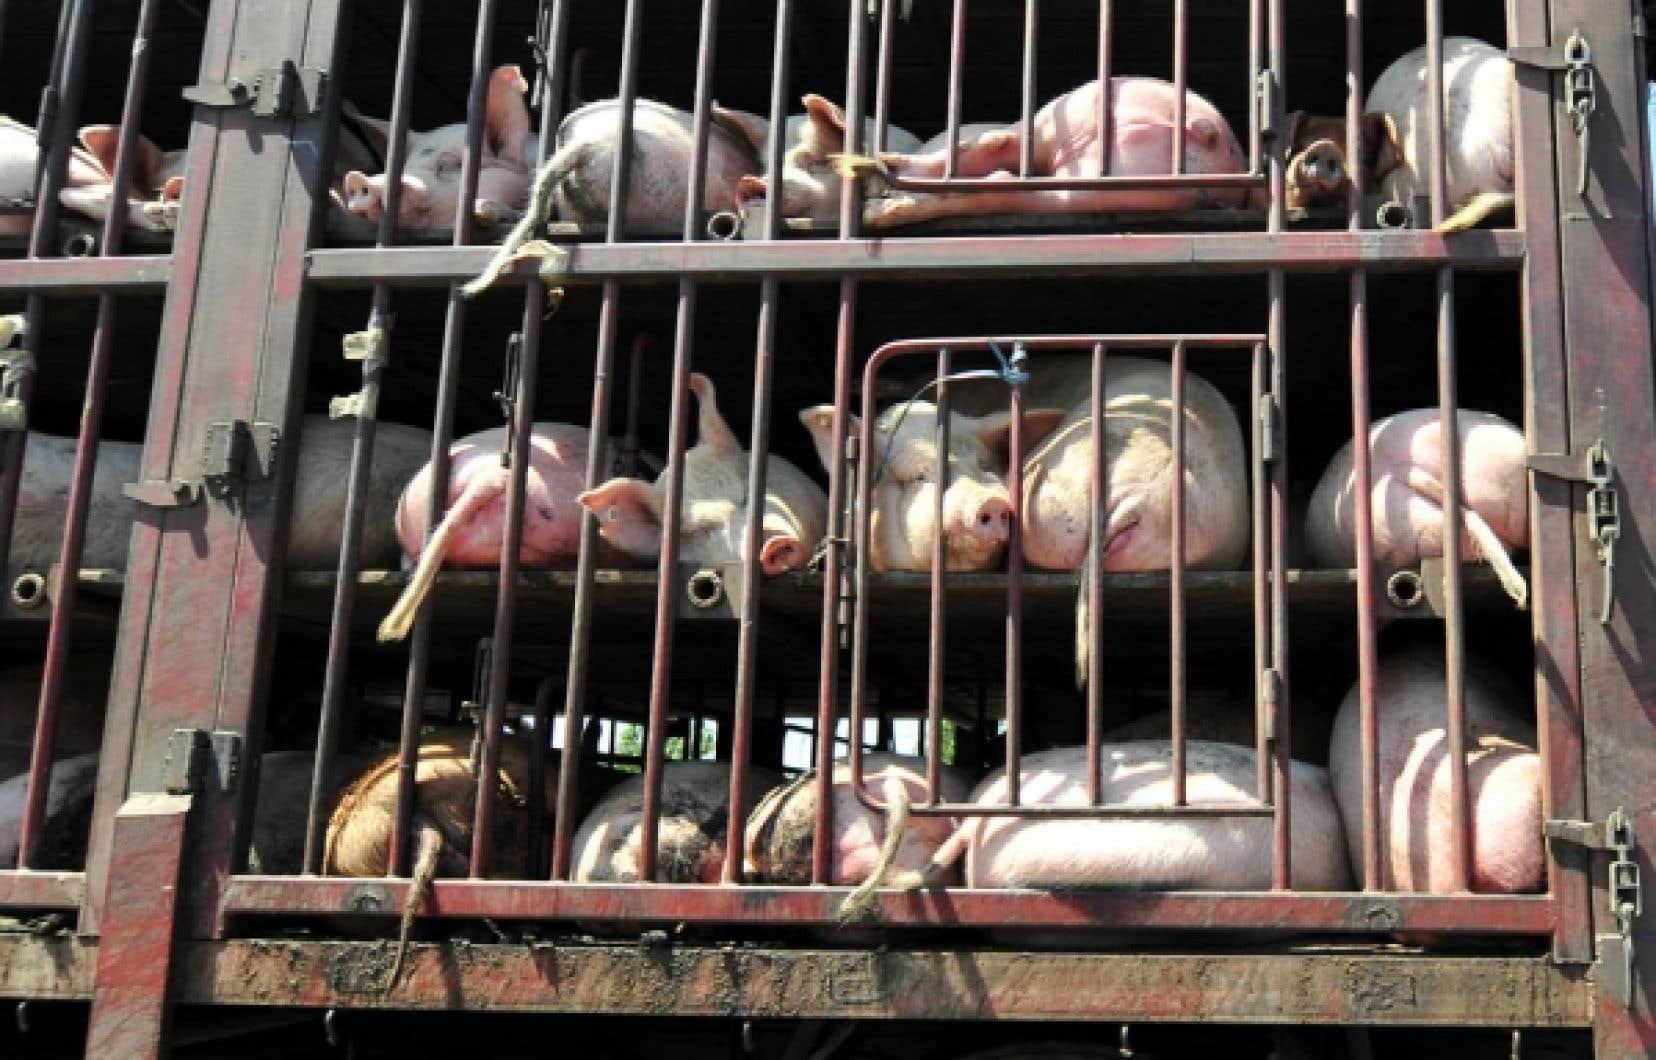 Entassés sur de trop longues distances ou par de trop grands froids, de deux à trois millions d'animaux d'élevage arrivent morts à l'abattoir au Canada, selon la World Society for Protection of Animals.